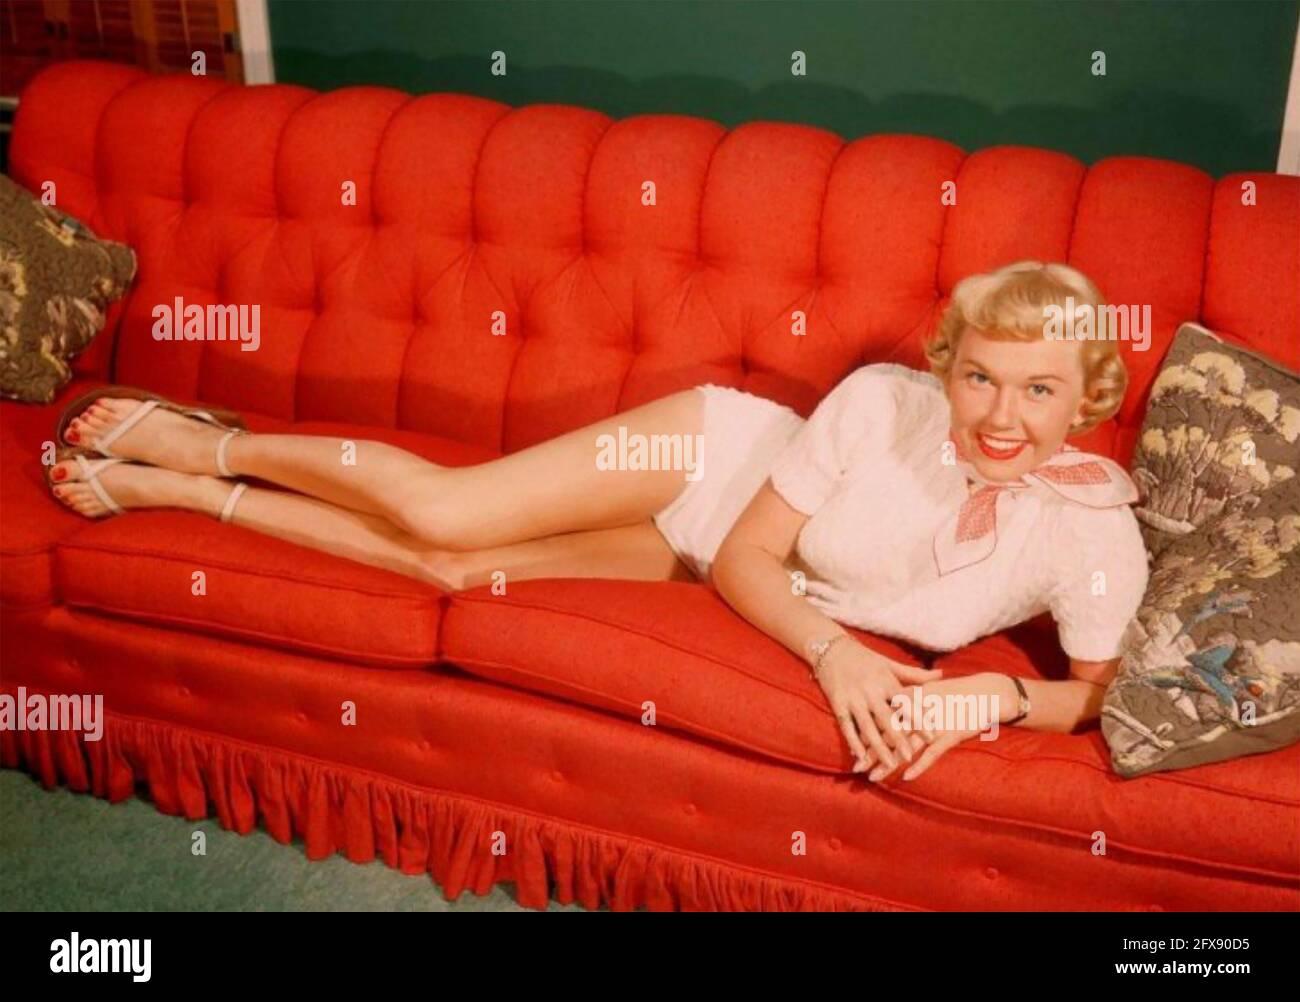 DORIS DAY (1922-2019) actrice et chanteuse américaine vers 1957 Banque D'Images